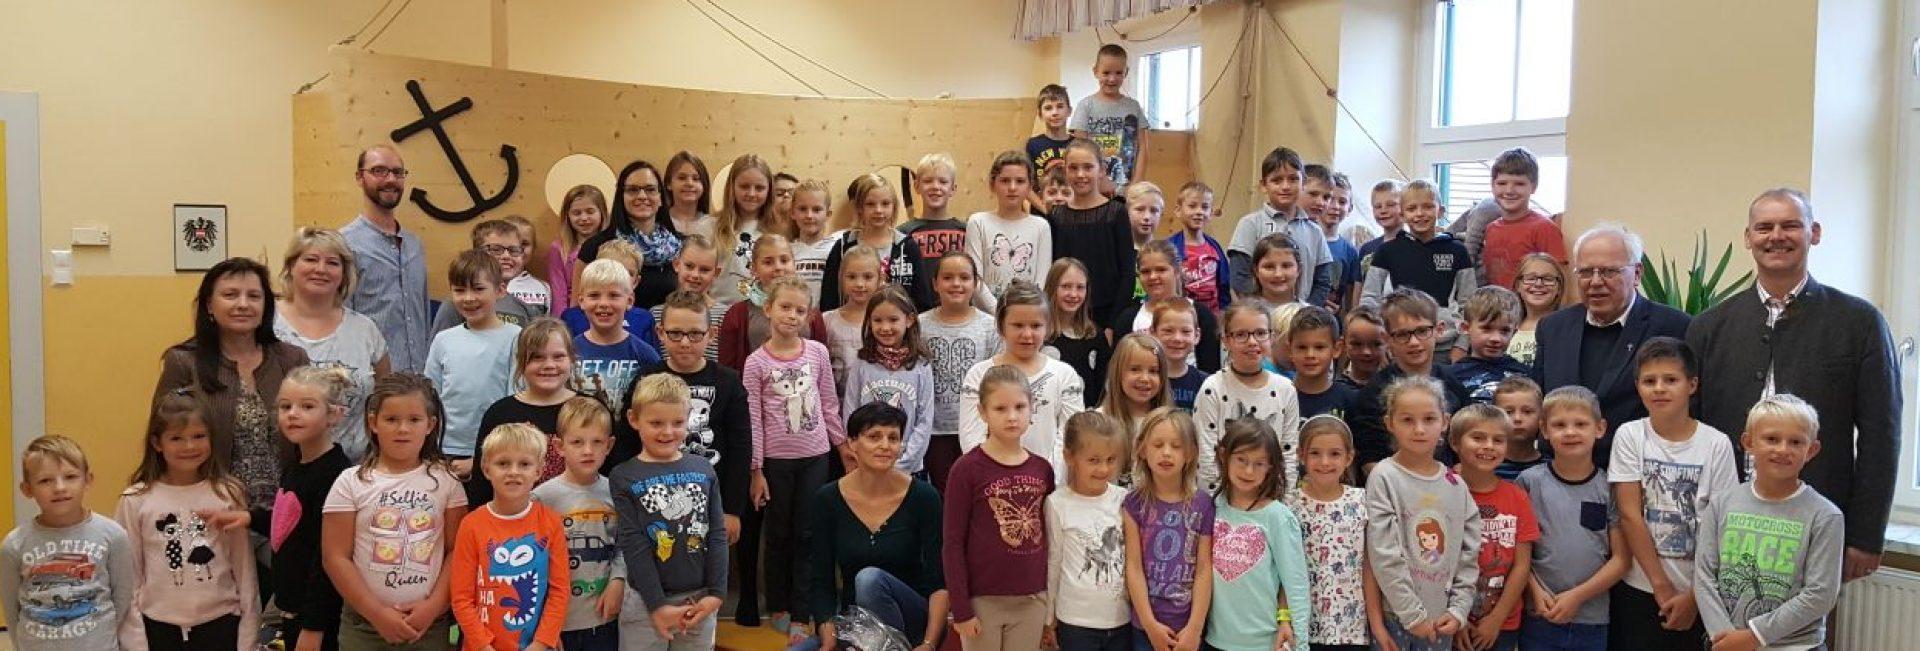 Volksschule Jagerberg